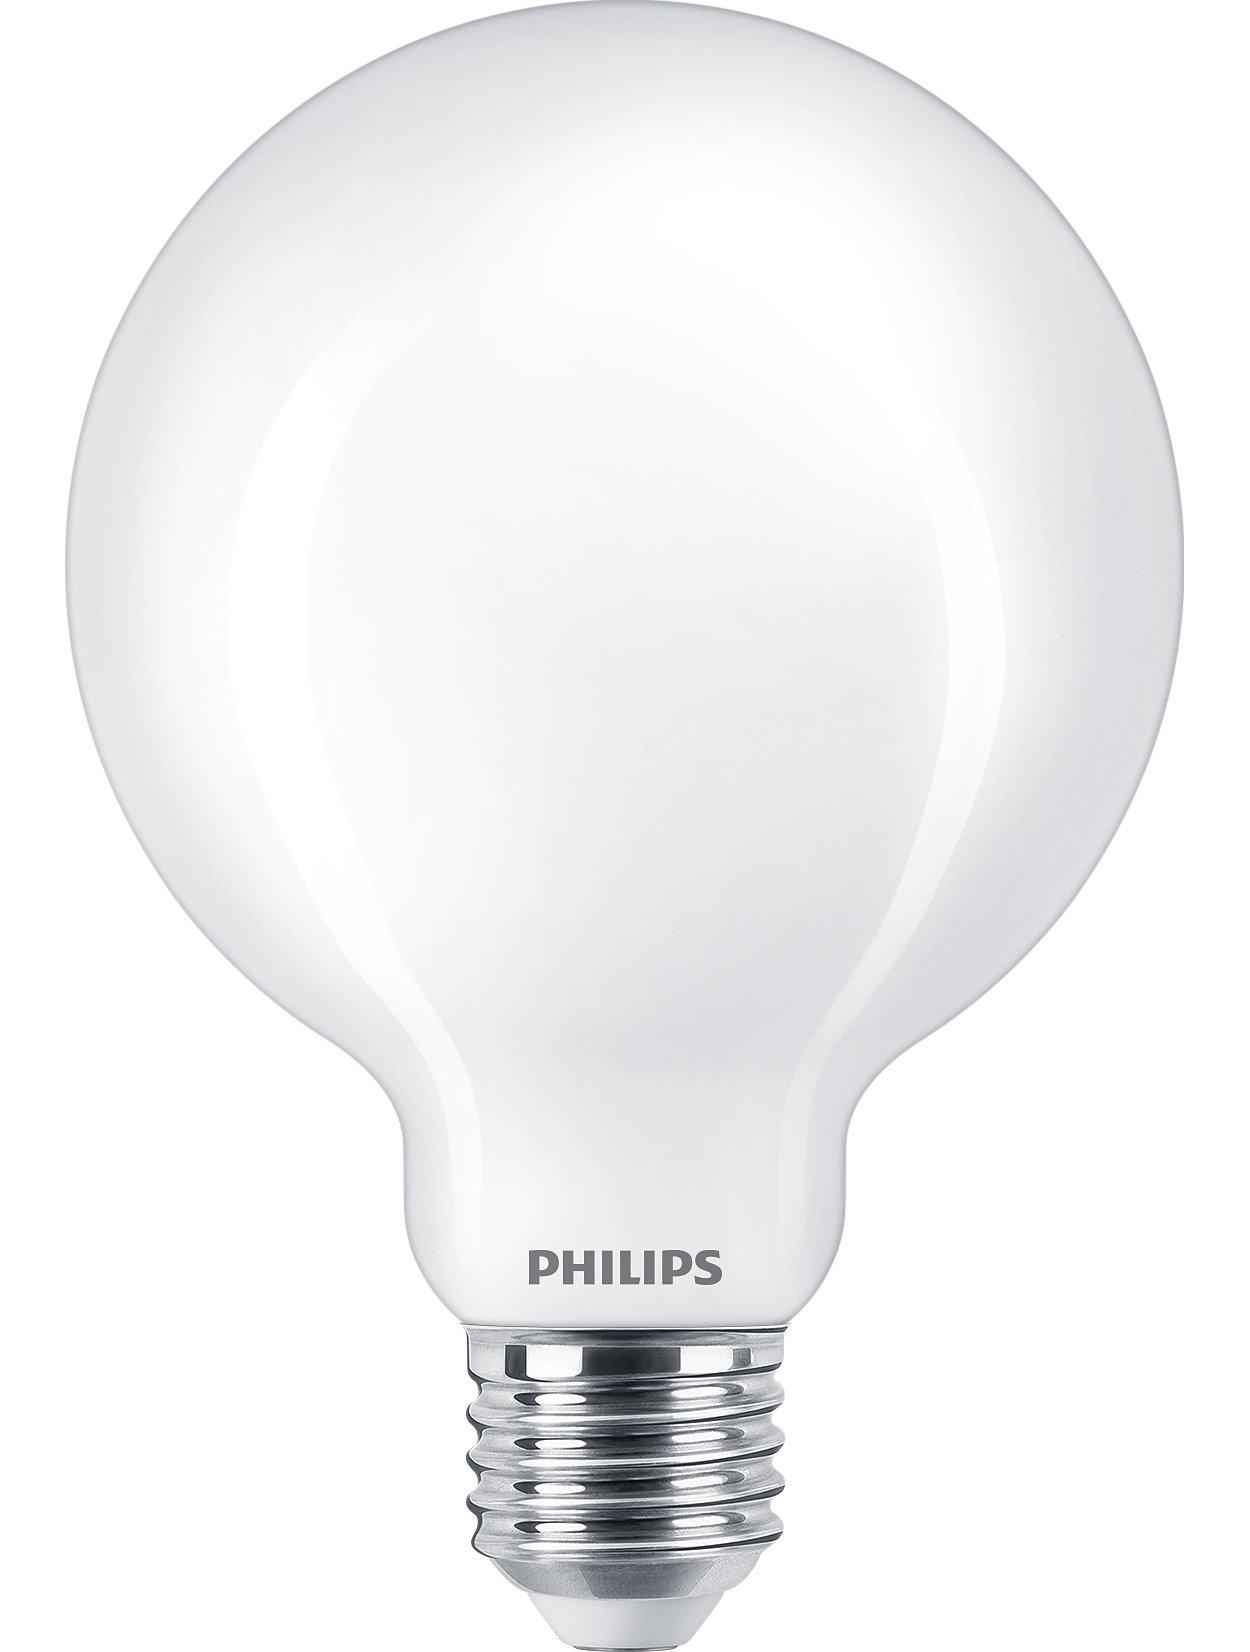 Mükemmel ışık kalitesine sahip parlak LED aydınlatma